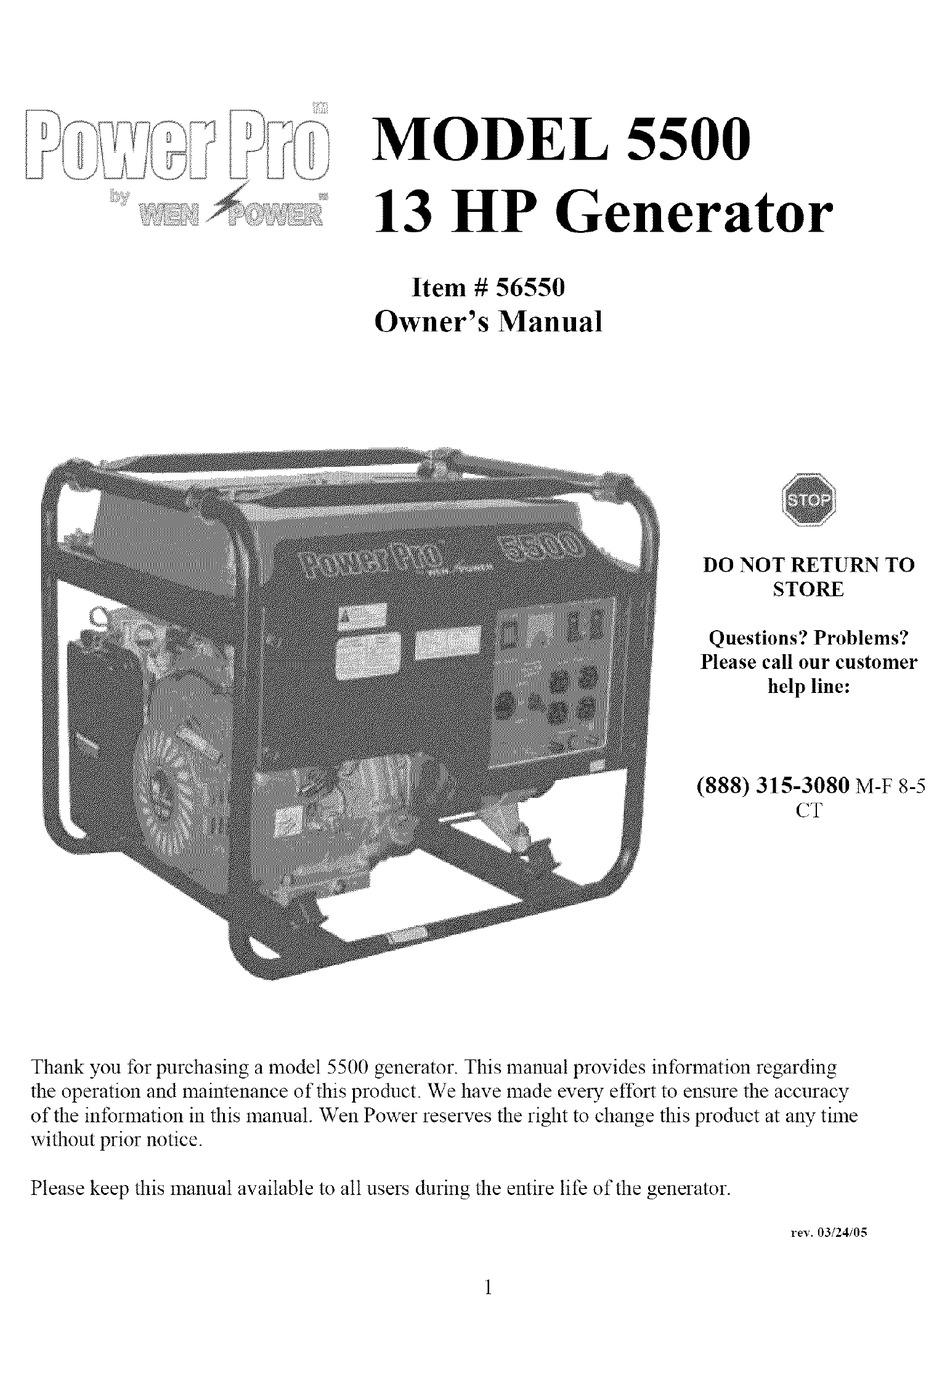 [SCHEMATICS_4PO]  WEN POWER POWER PRO 5500 OWNER'S MANUAL Pdf Download | ManualsLib | Wen 5500 Generator Wiring Diagram |  | ManualsLib